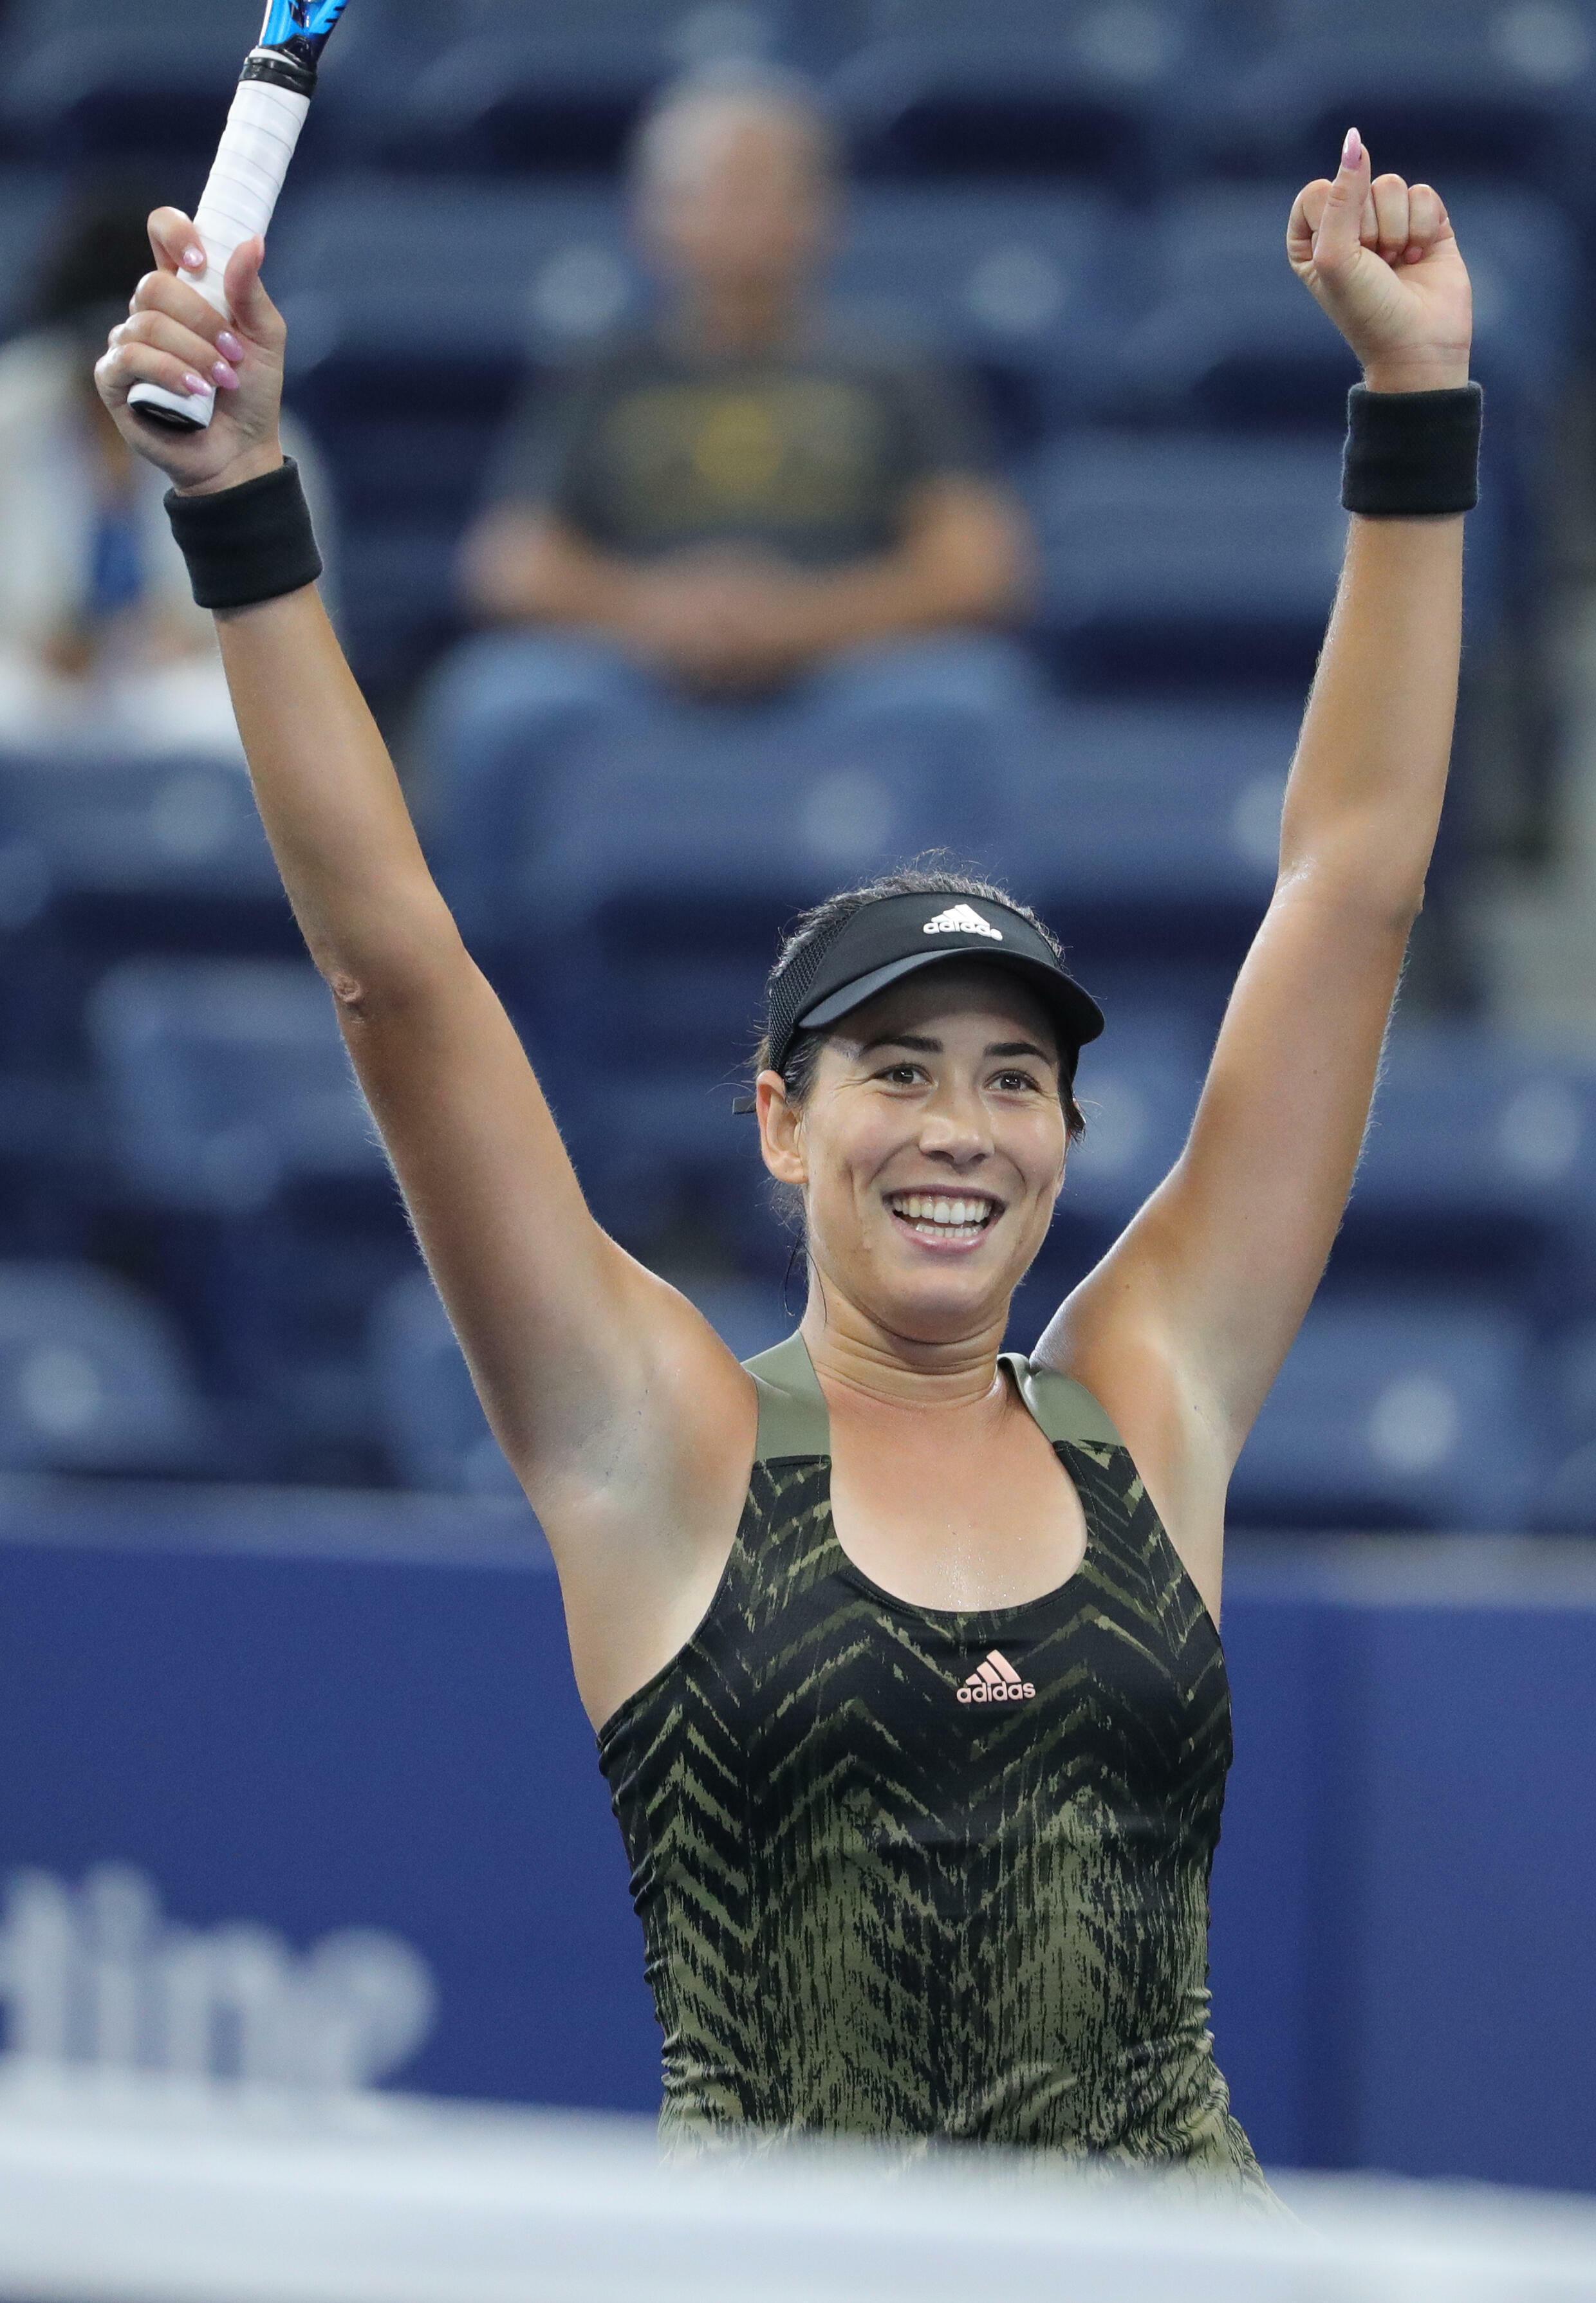 L'Espagnol Corbine Muguruza a remporté les titres du Grand Chelem sur terre battue et sur gazon, mais n'a pas encore remporté la compétition de l'US Open sur les courts en dur à New York